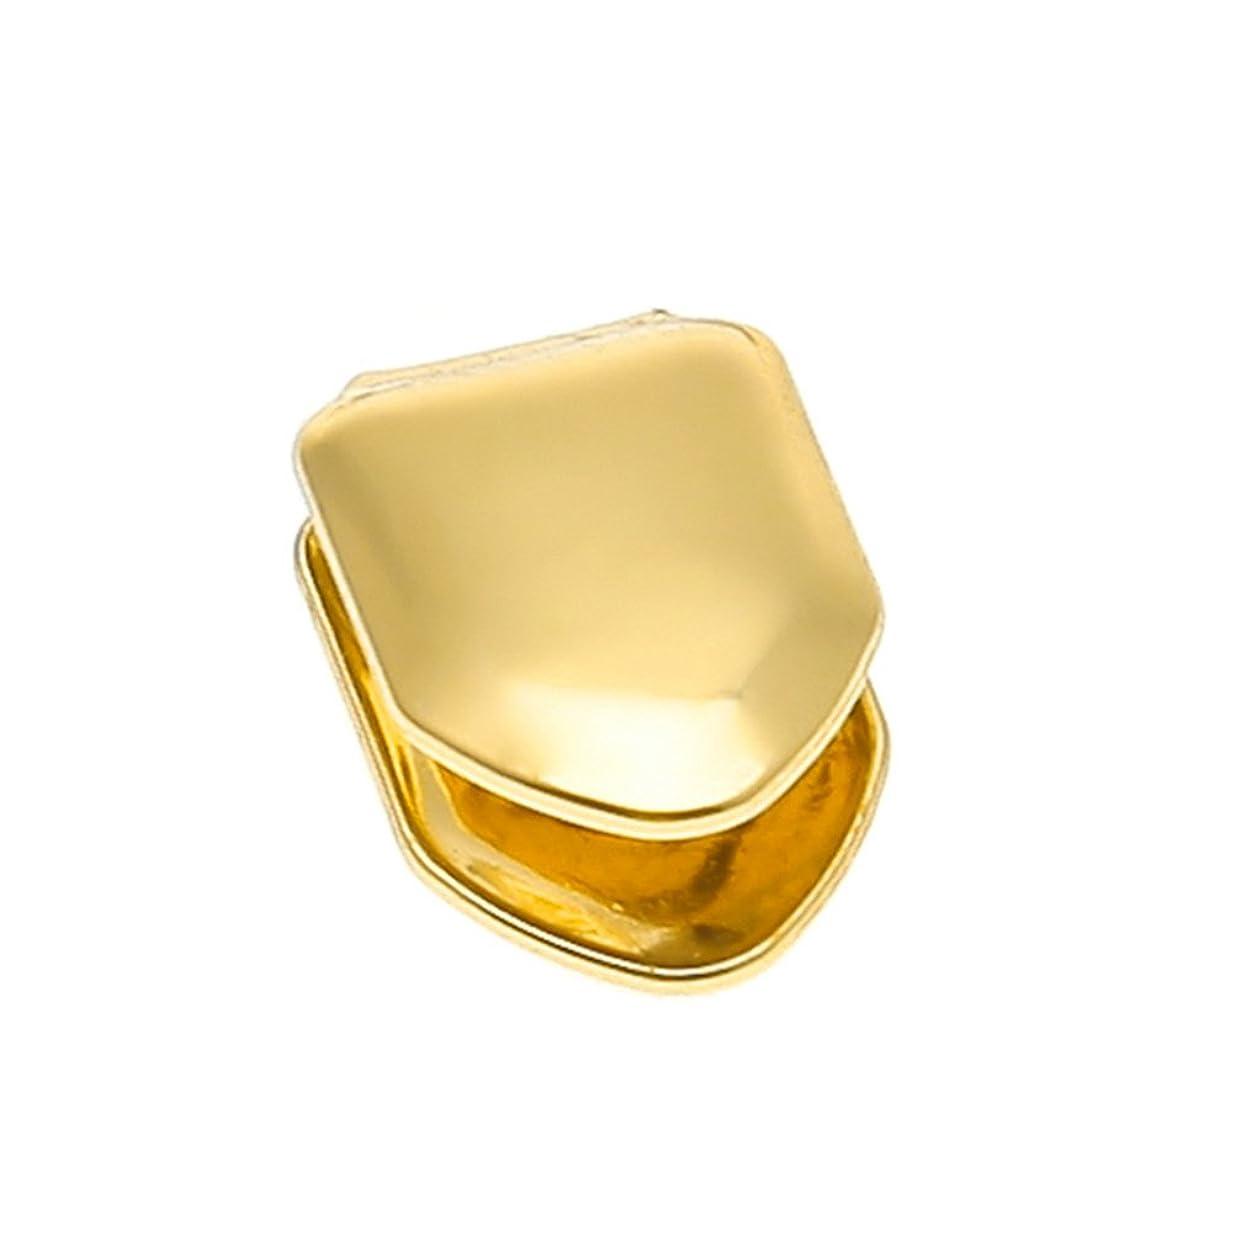 ガウン王女迷信Healifty ヒップホップの歯のキャップソリッド14Kゴールドメッキの小さなシングルトゥースキャップ上下のヒップホップの歯のグリル(ゴールド)